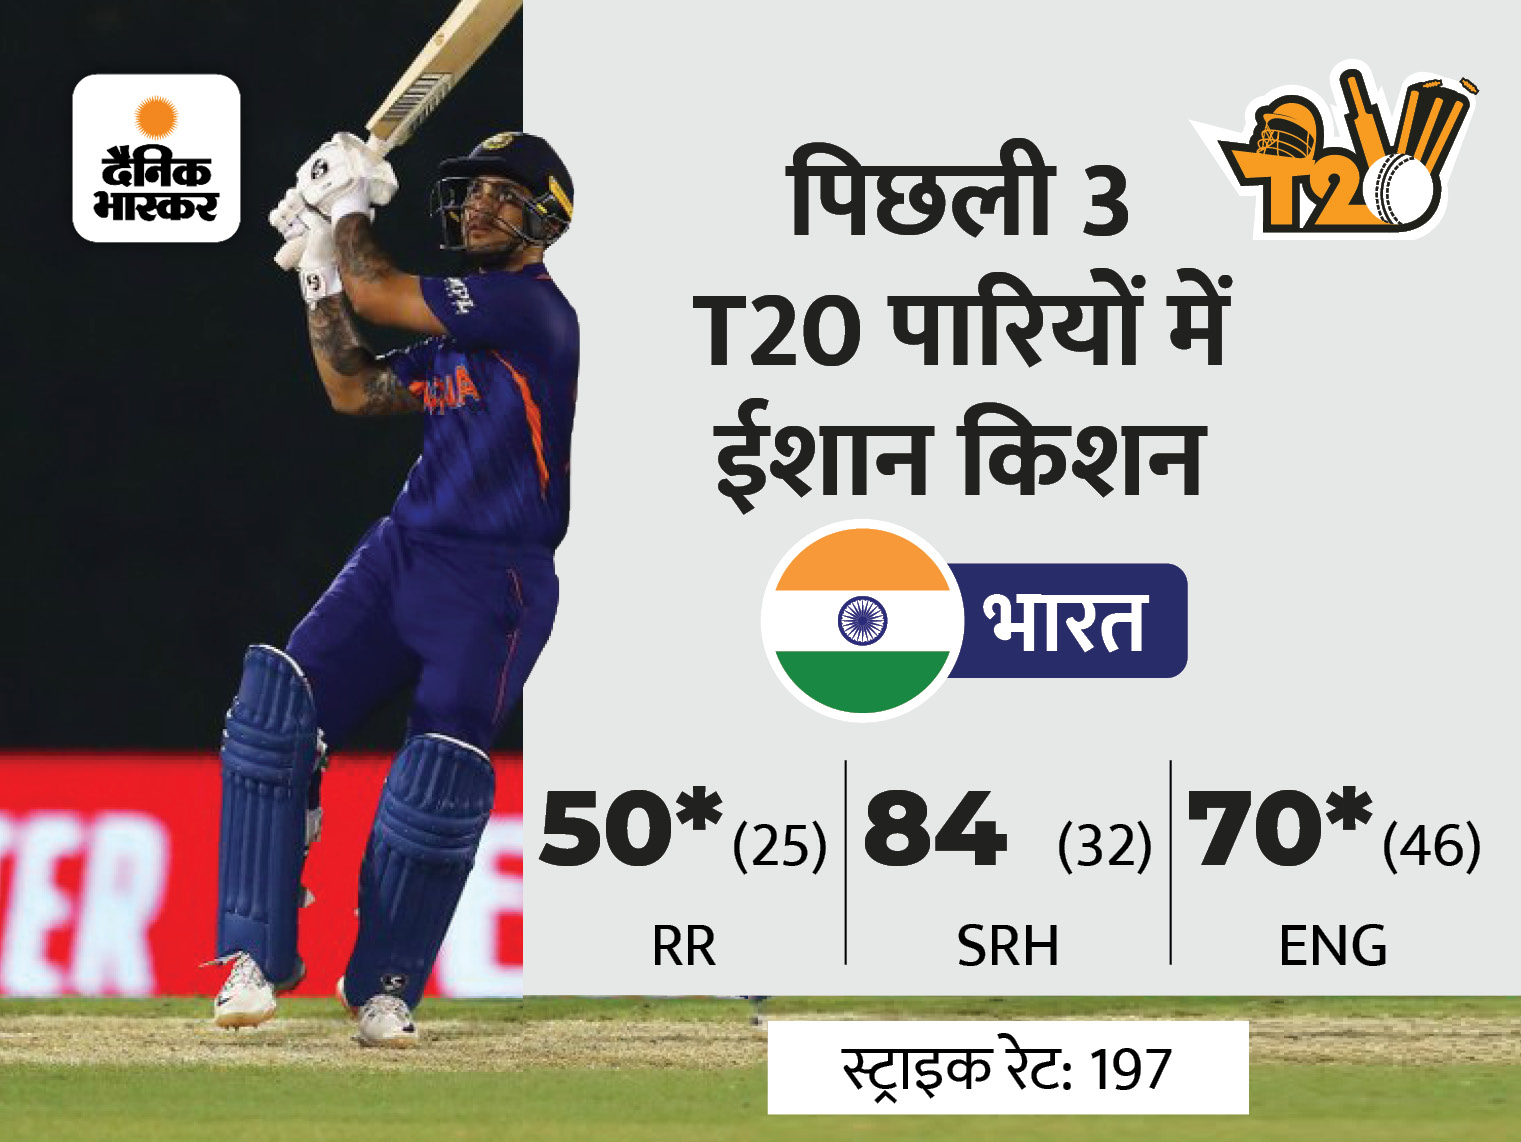 पूर्व ओपनर ने चुनी टीम इंडिया की प्लेइंग इलेवन, इनफॉर्म ईशान किशन को नहीं मिला मौका|टी-20 वर्ल्ड कप,T20 World Cup - Dainik Bhaskar